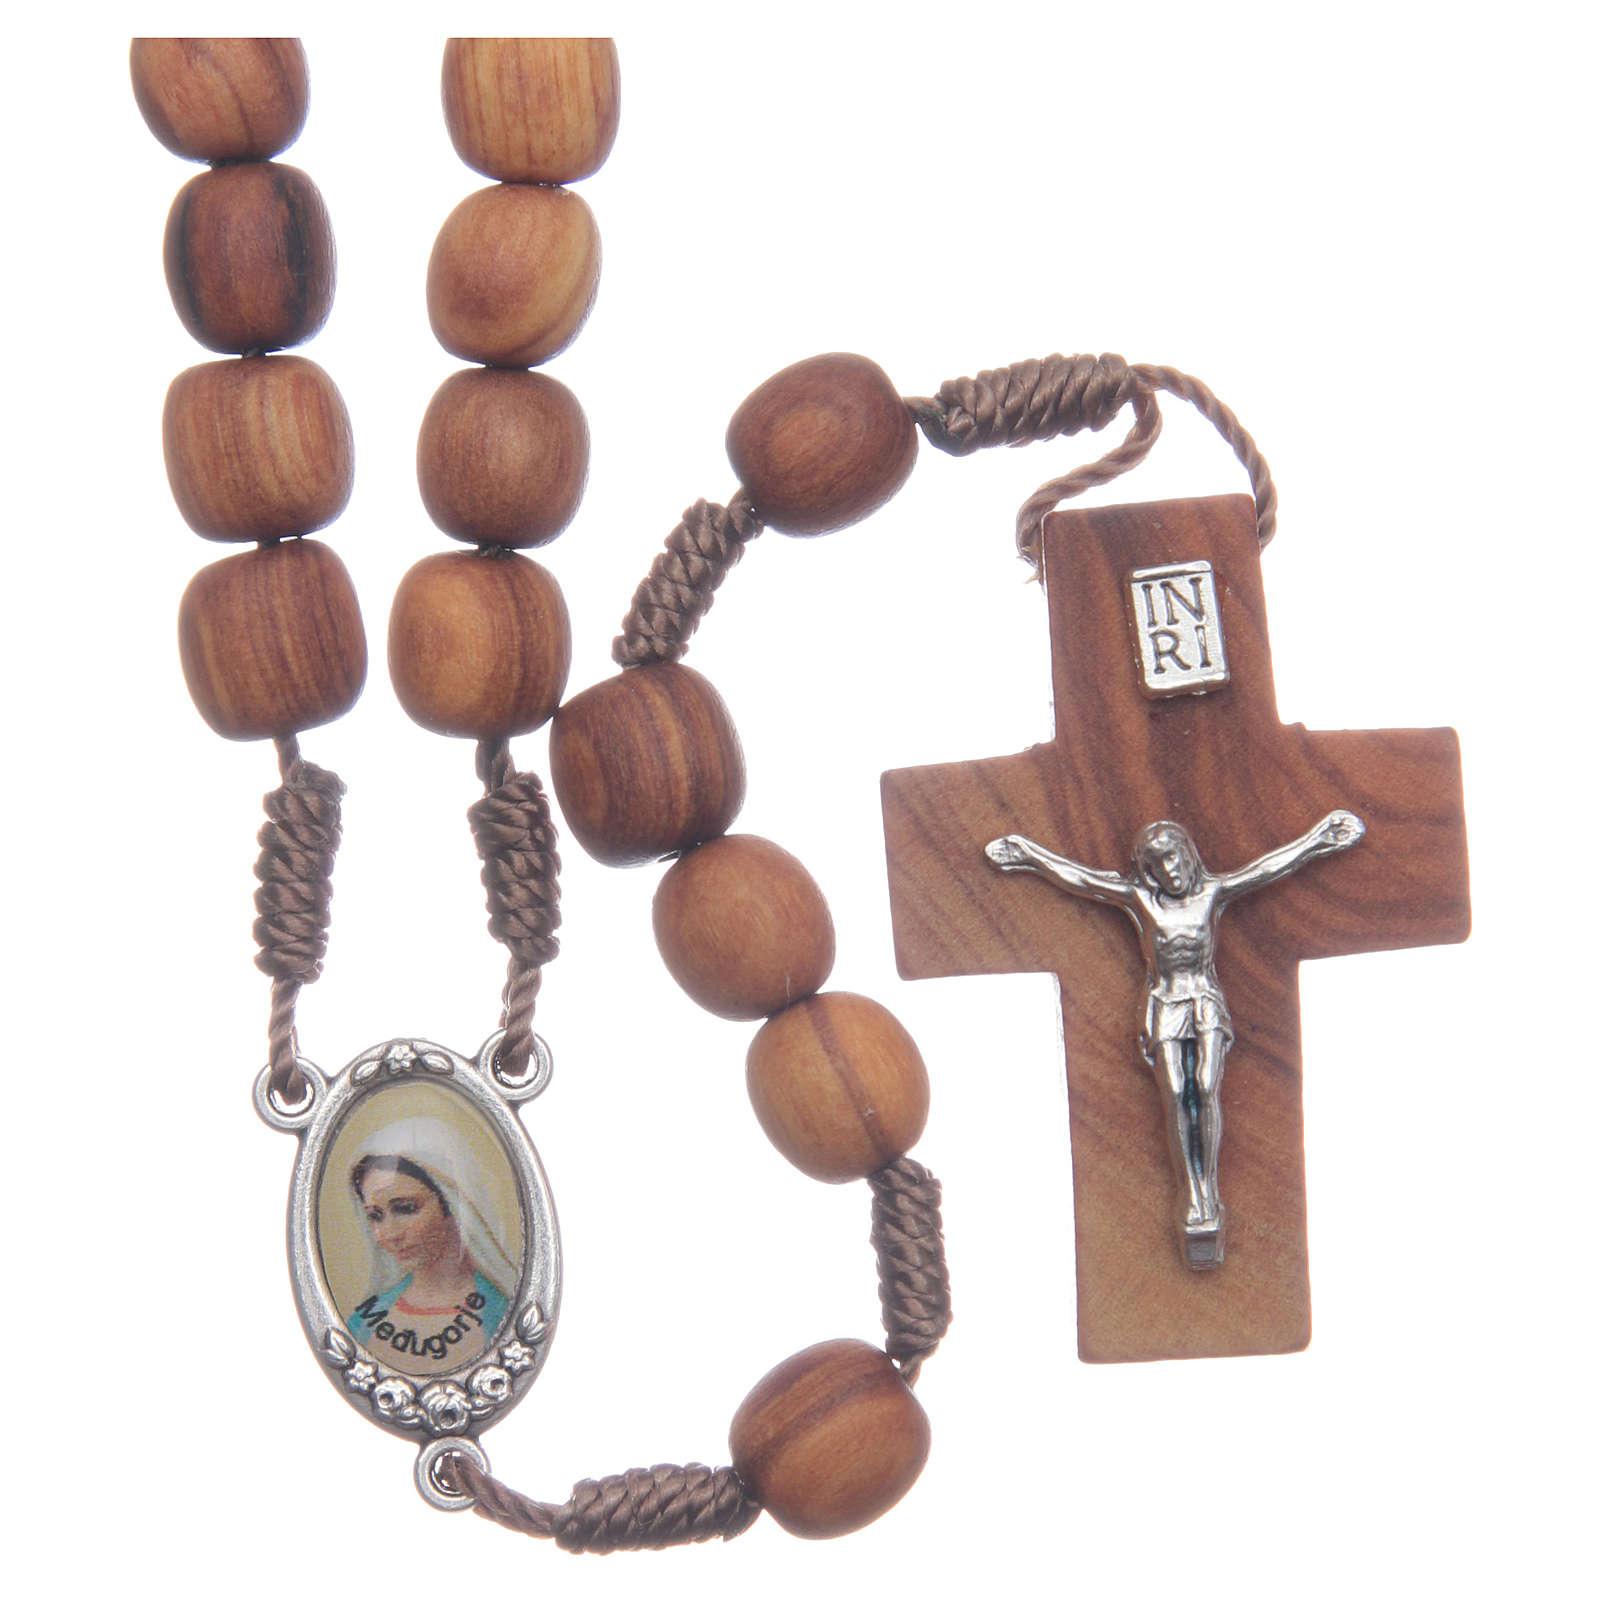 Medjugorje olive wood rosary oval medalets of Saint Benedict 4